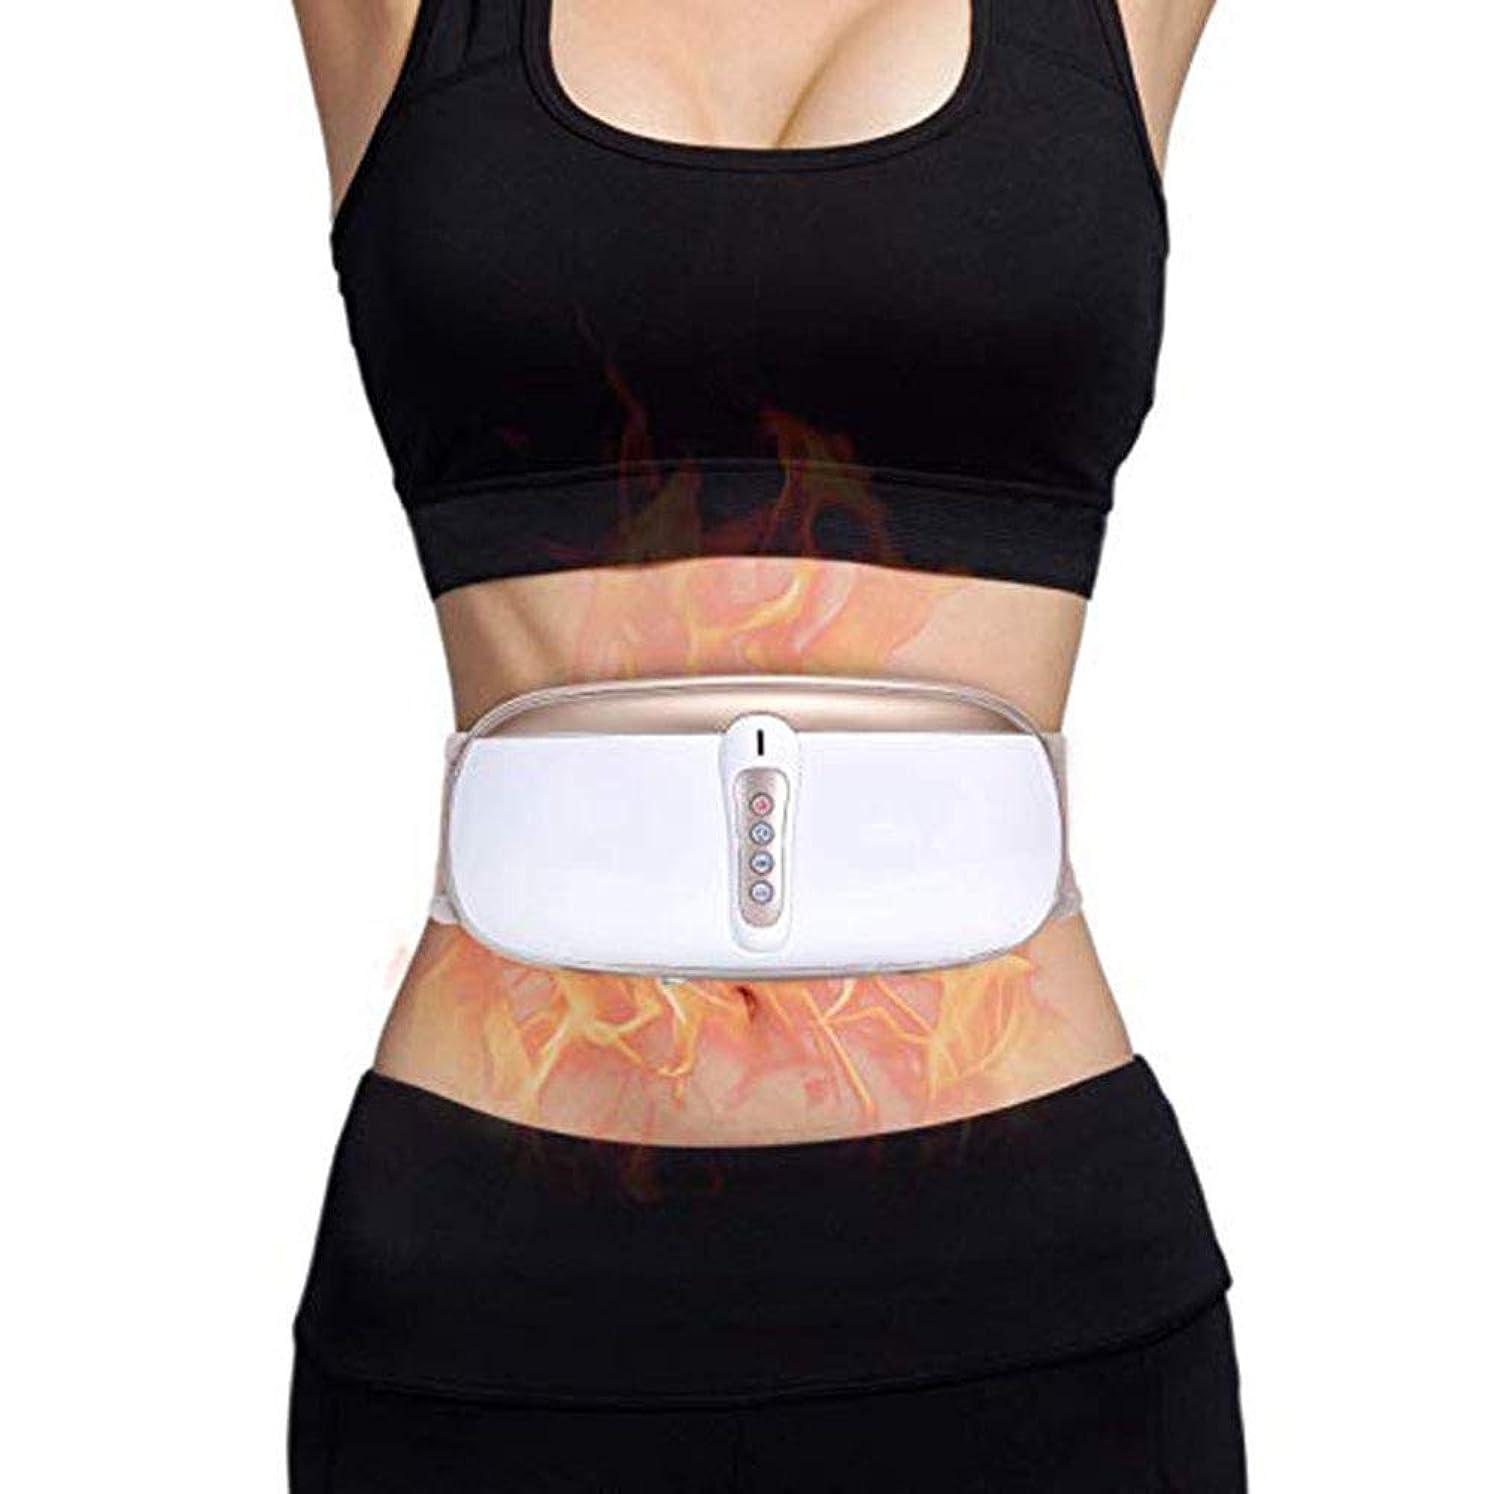 半ば放置要求するスリミングベルト、 調整可能 振動マッサージ 減量機 女性の為に、 と 穏やかな熱、 4つのマッサージモード 腹脂肪バーナー、 血液循環を改善する、 消化を促進する